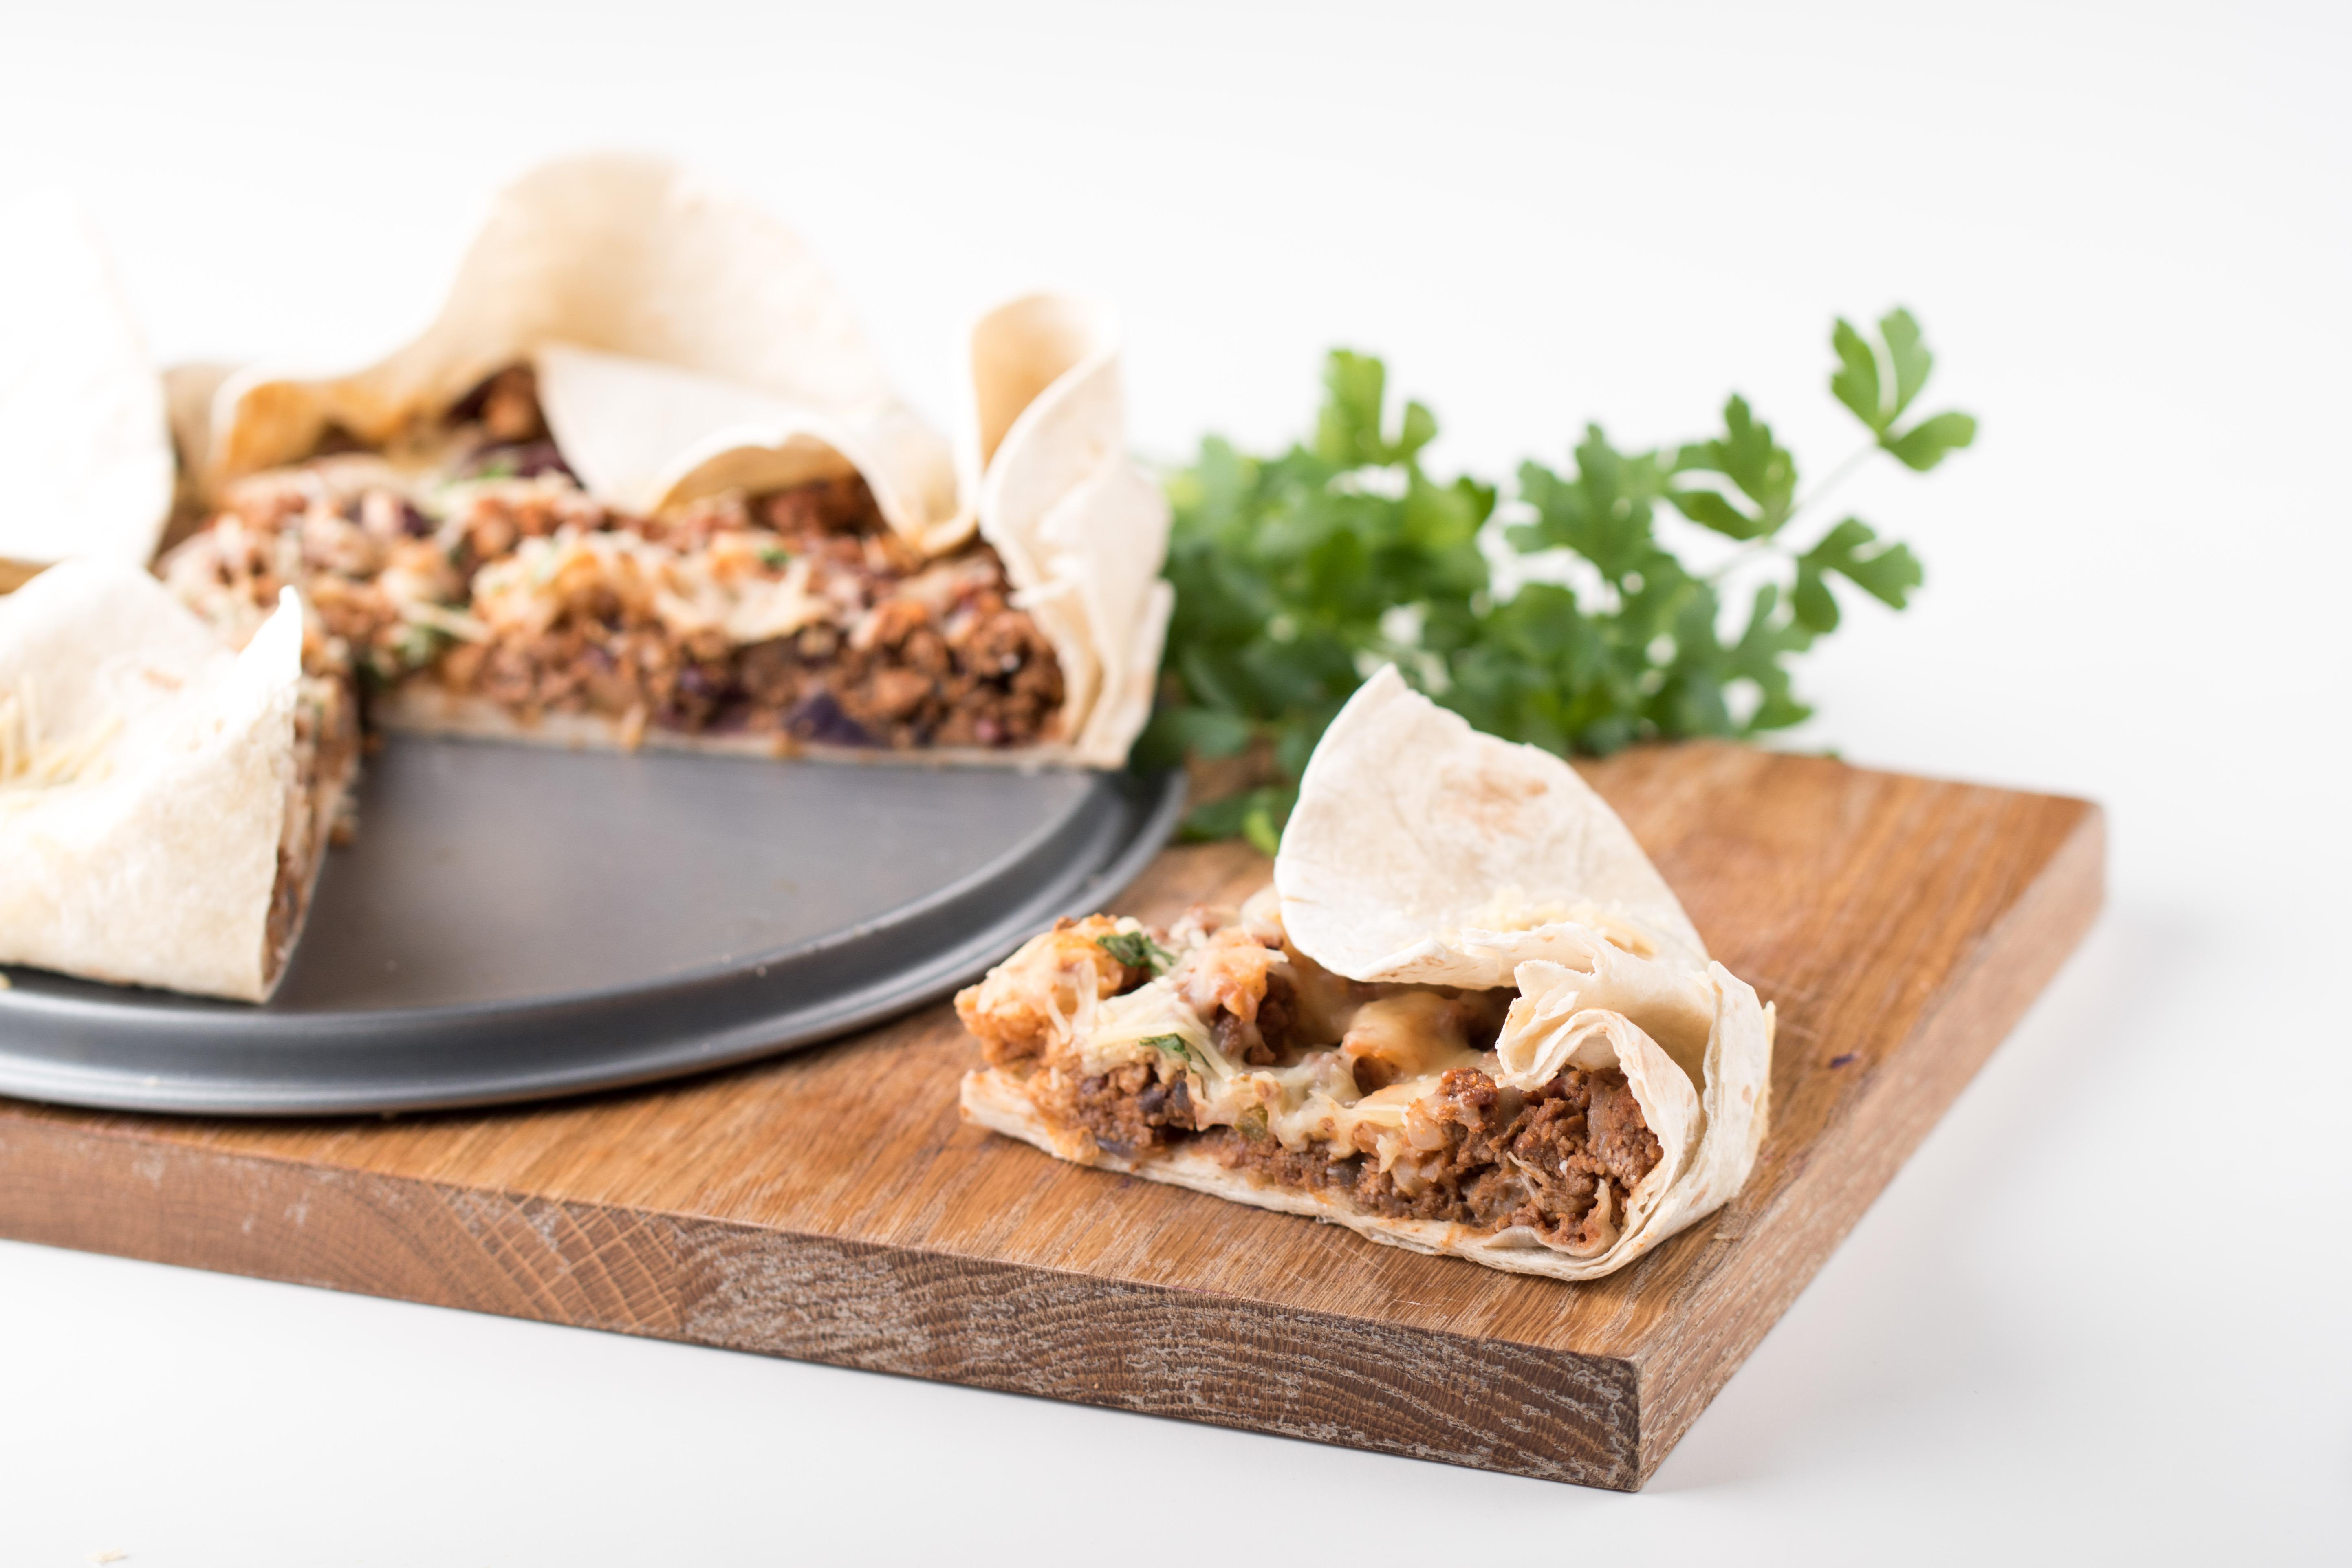 Tortillu pīrāgs (atjaunināts 24.11.19 ar veģetāro opciju)